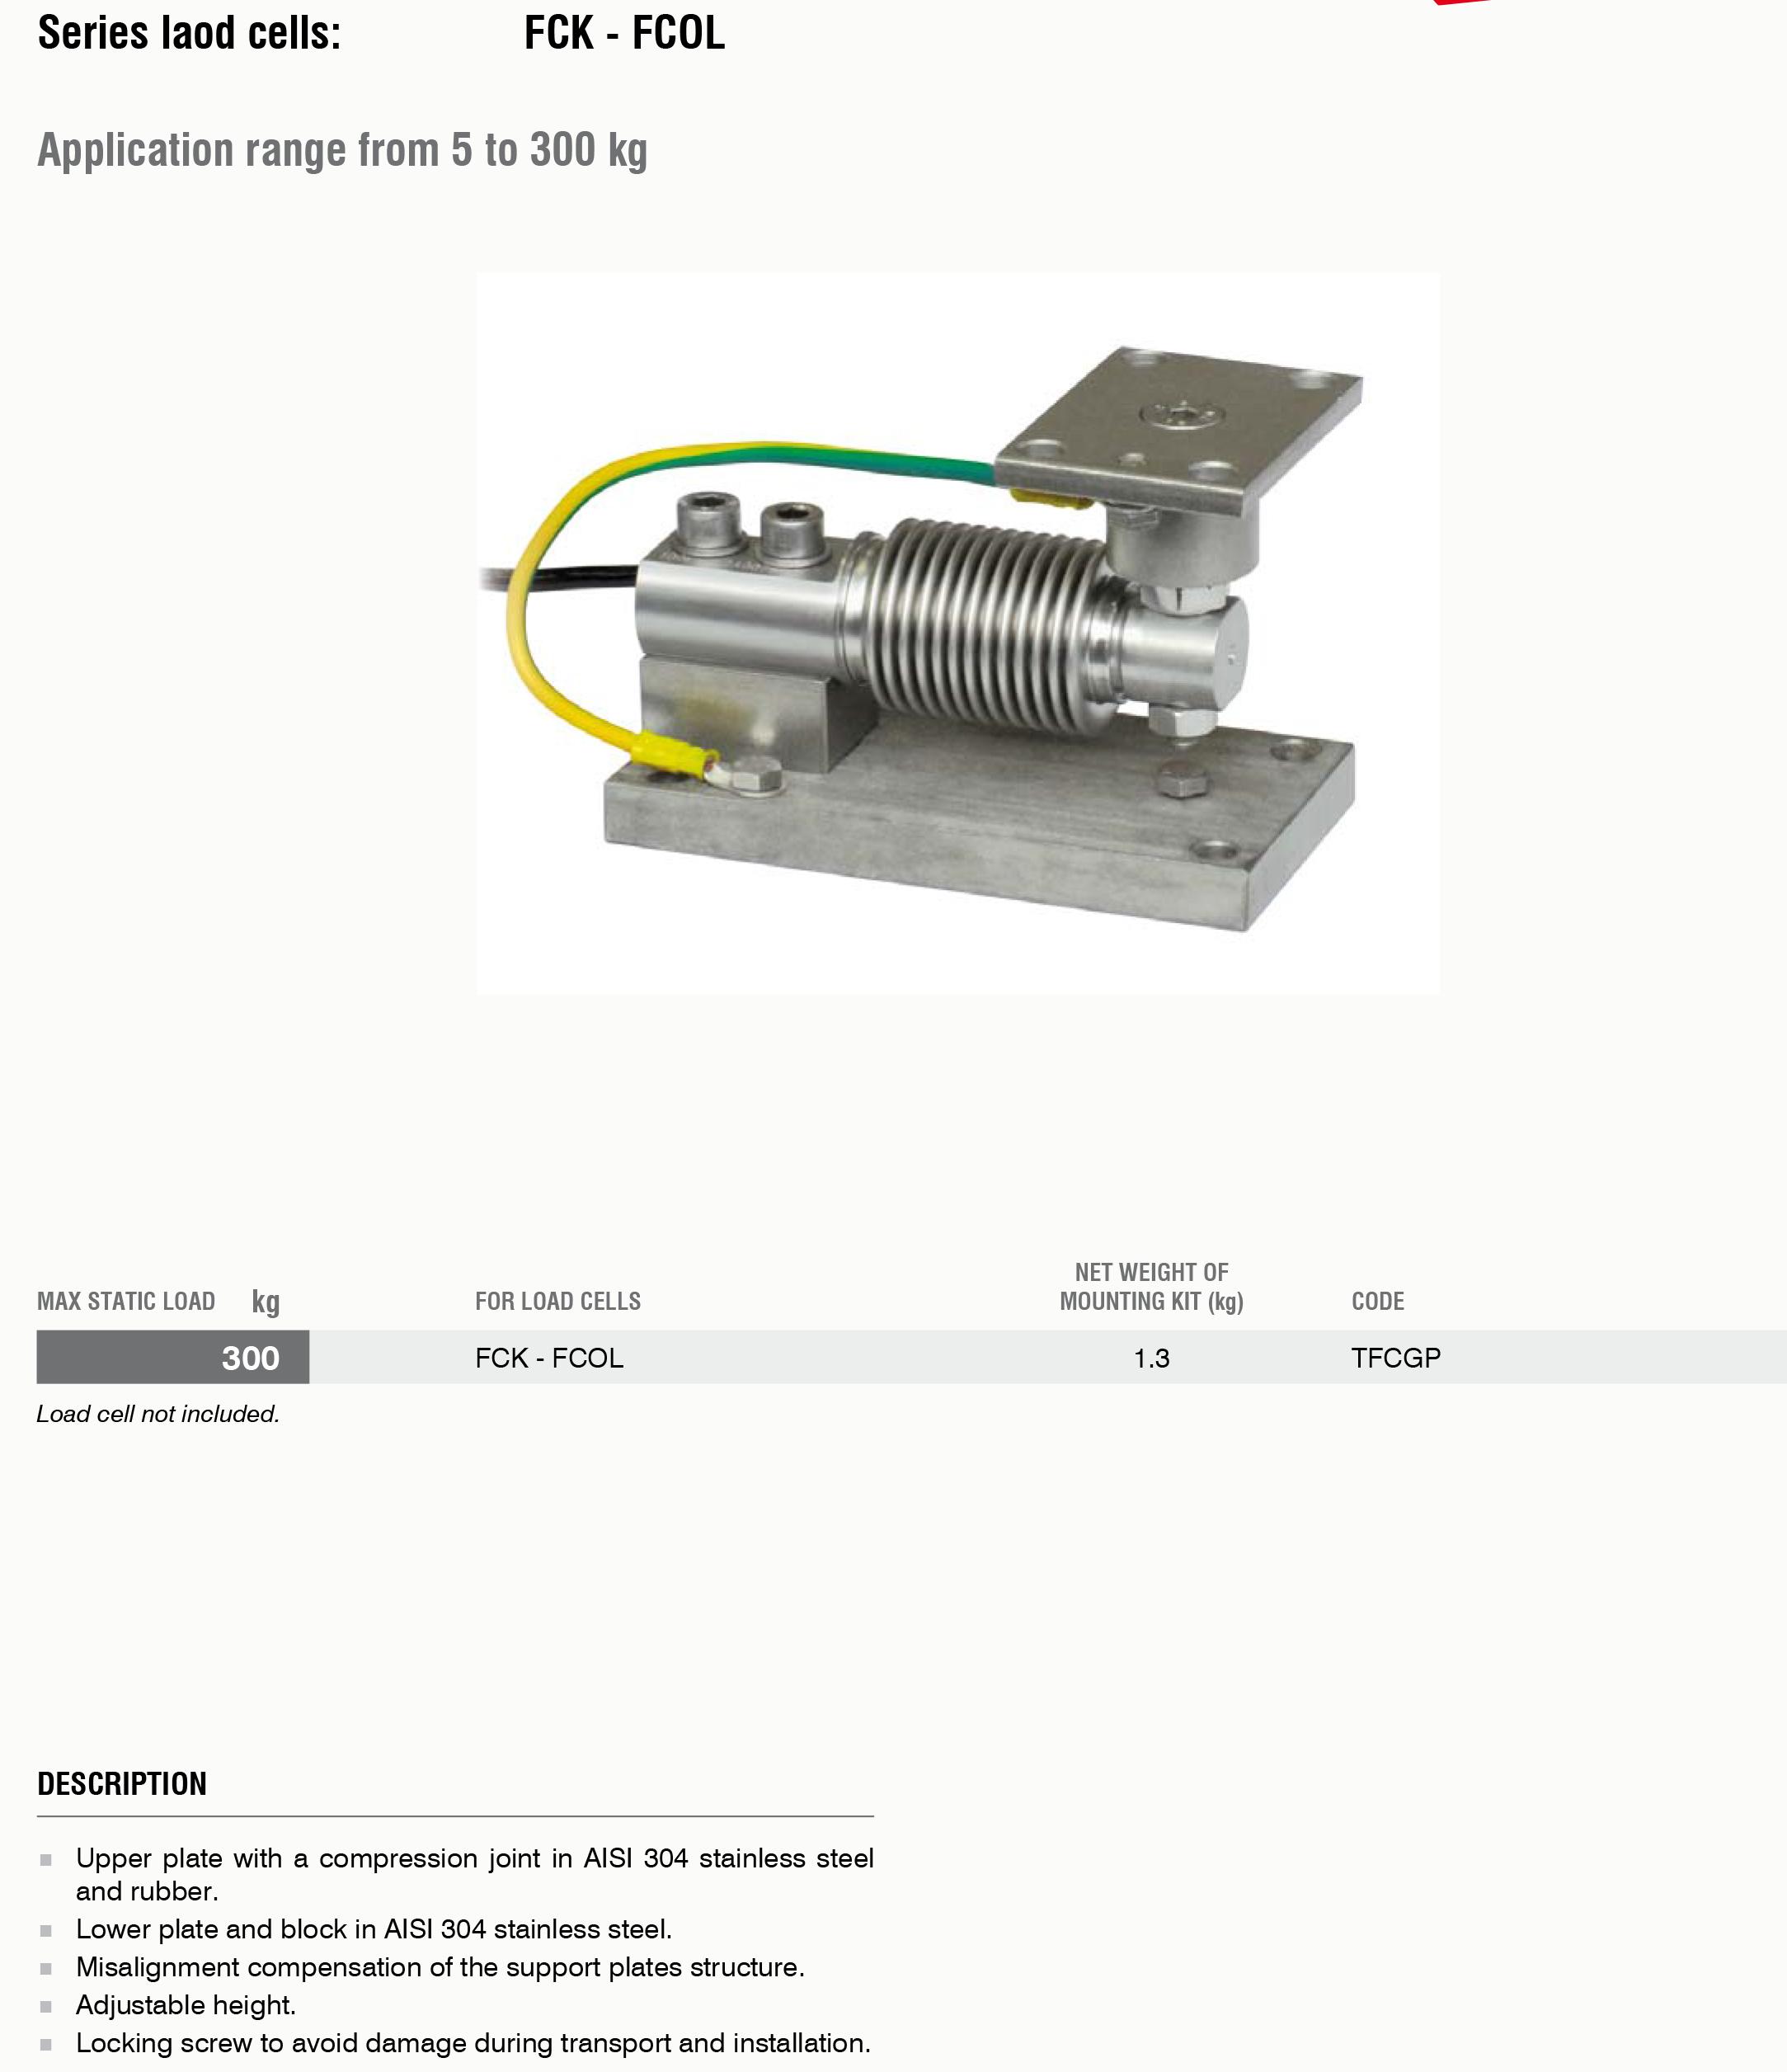 TFC GP称重模块外外观安装尺寸图